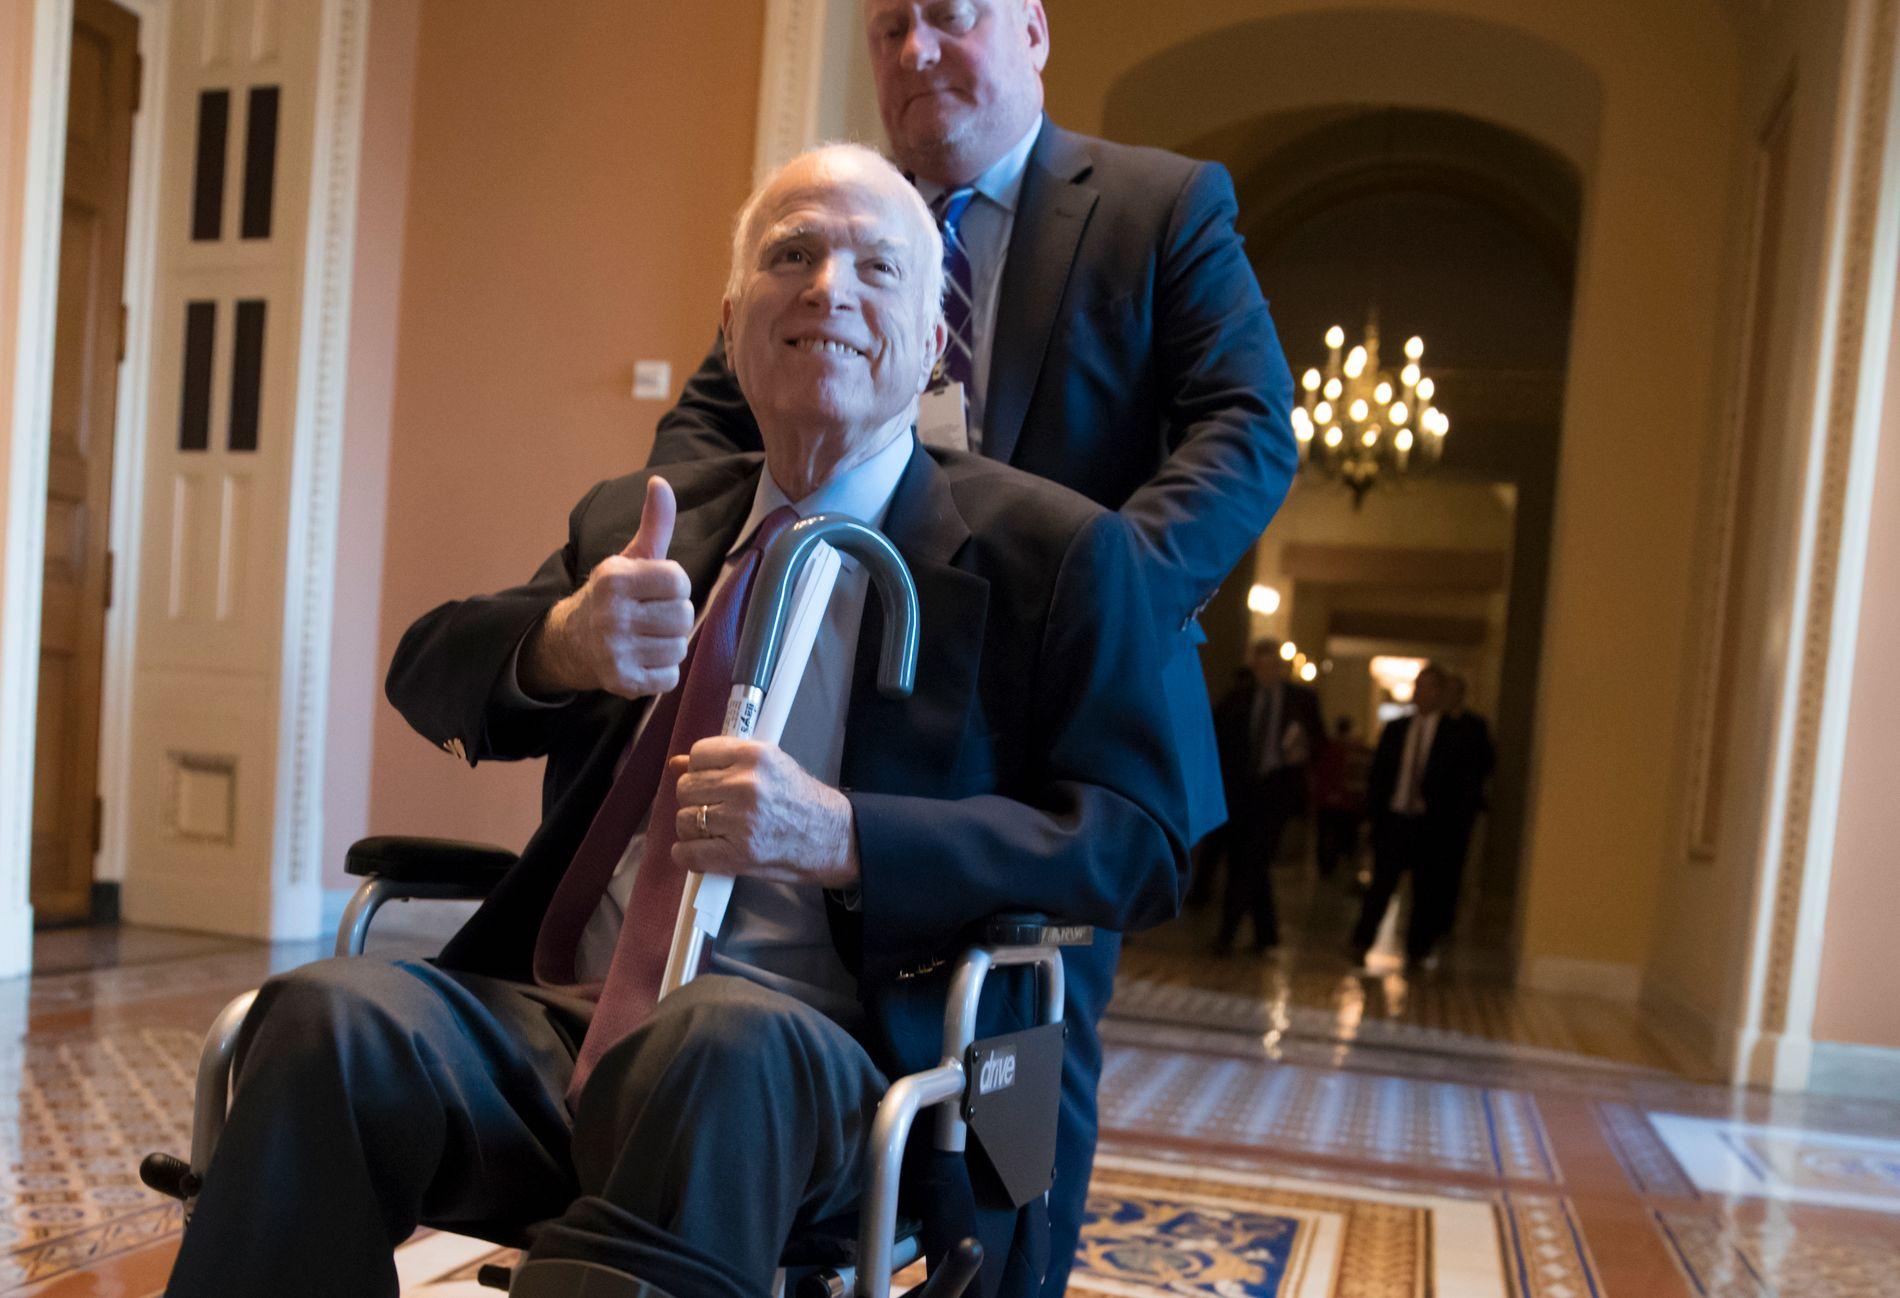 STABIL: John McCain skal være stabil etter operasjonen. Her er han i Capitol Hill i desember.